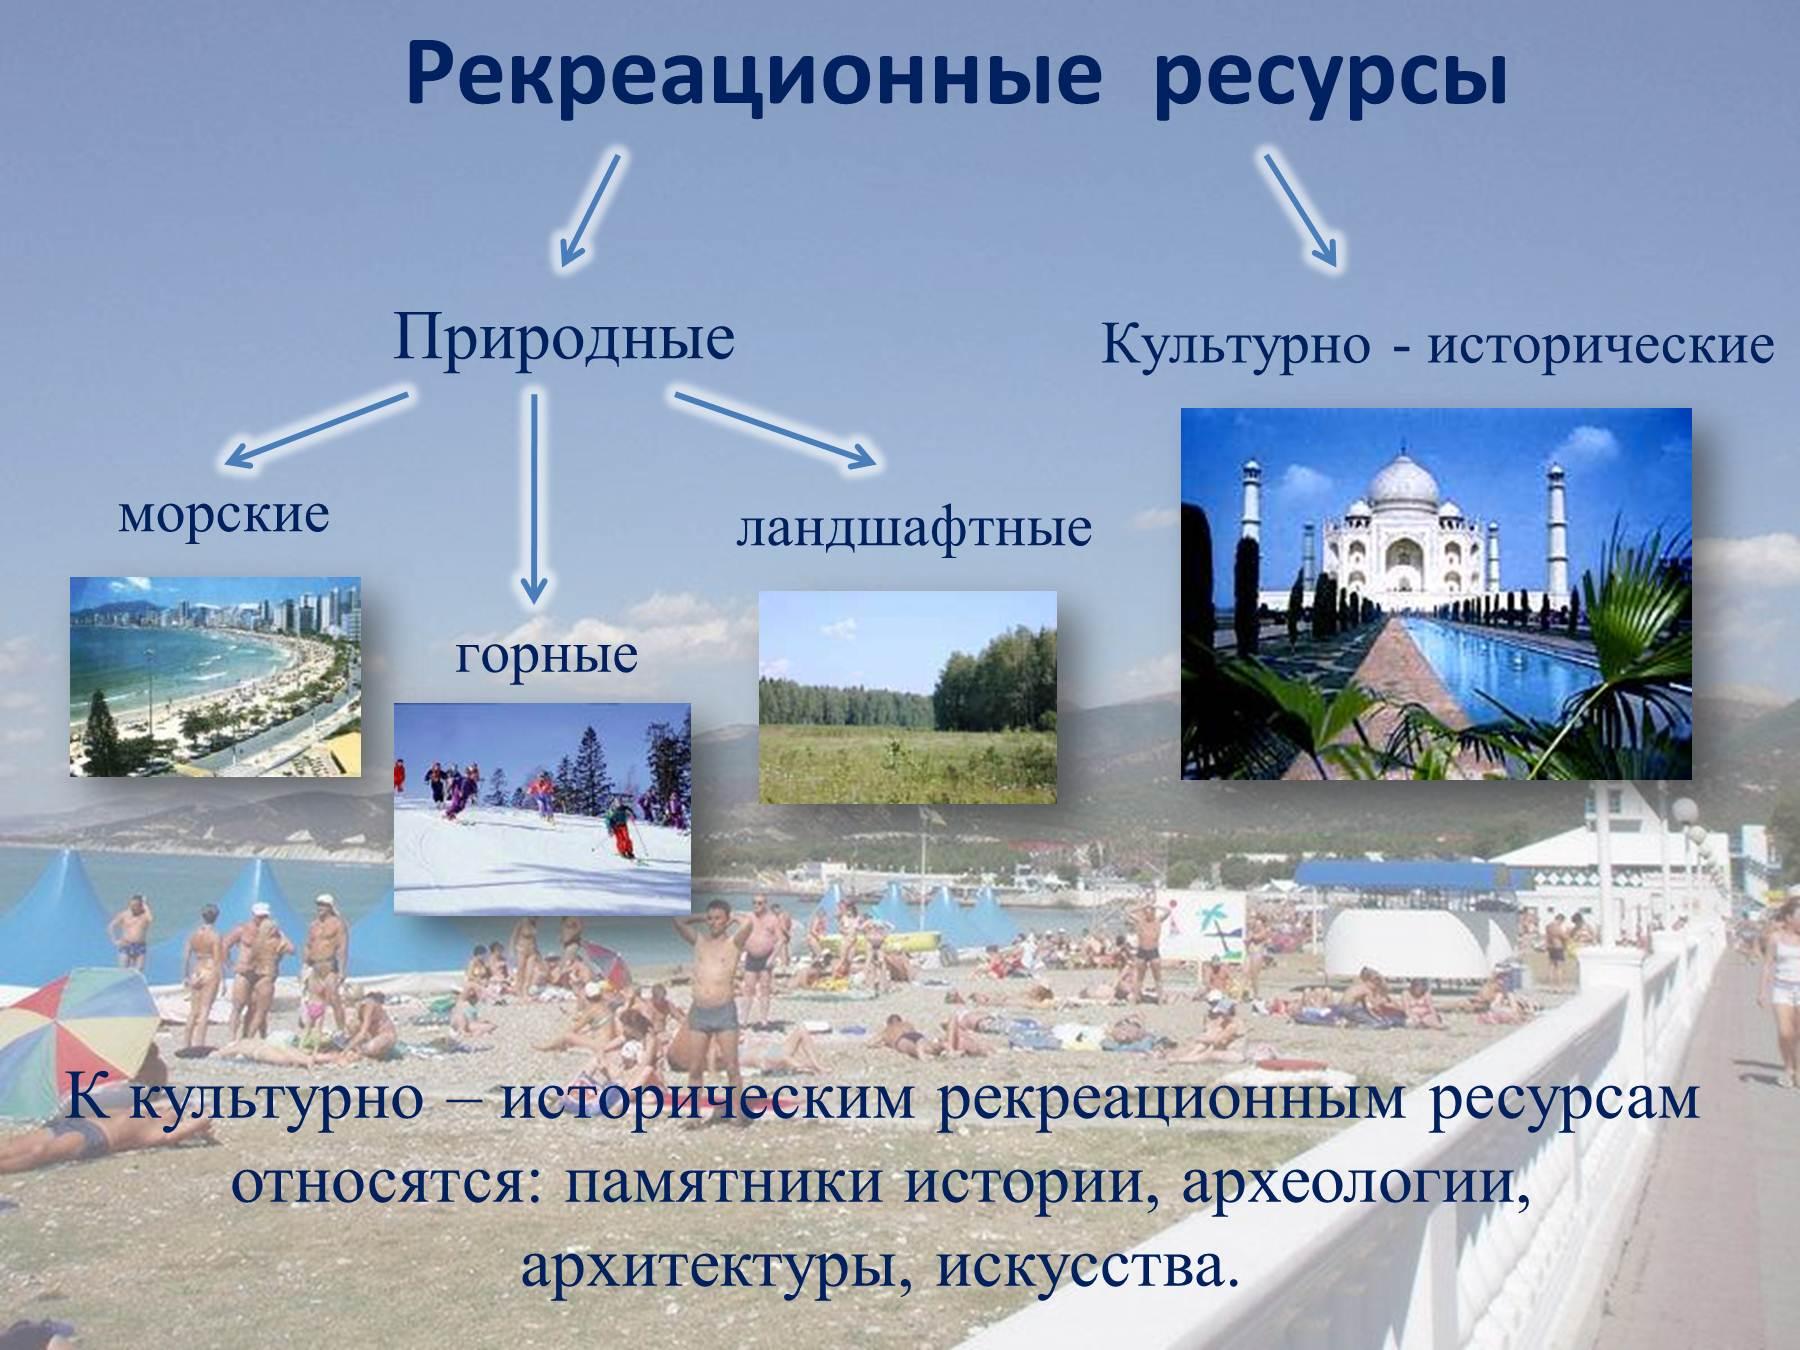 Рекреационный туризм — это что такое? виды и развитие рекреационного туризма |